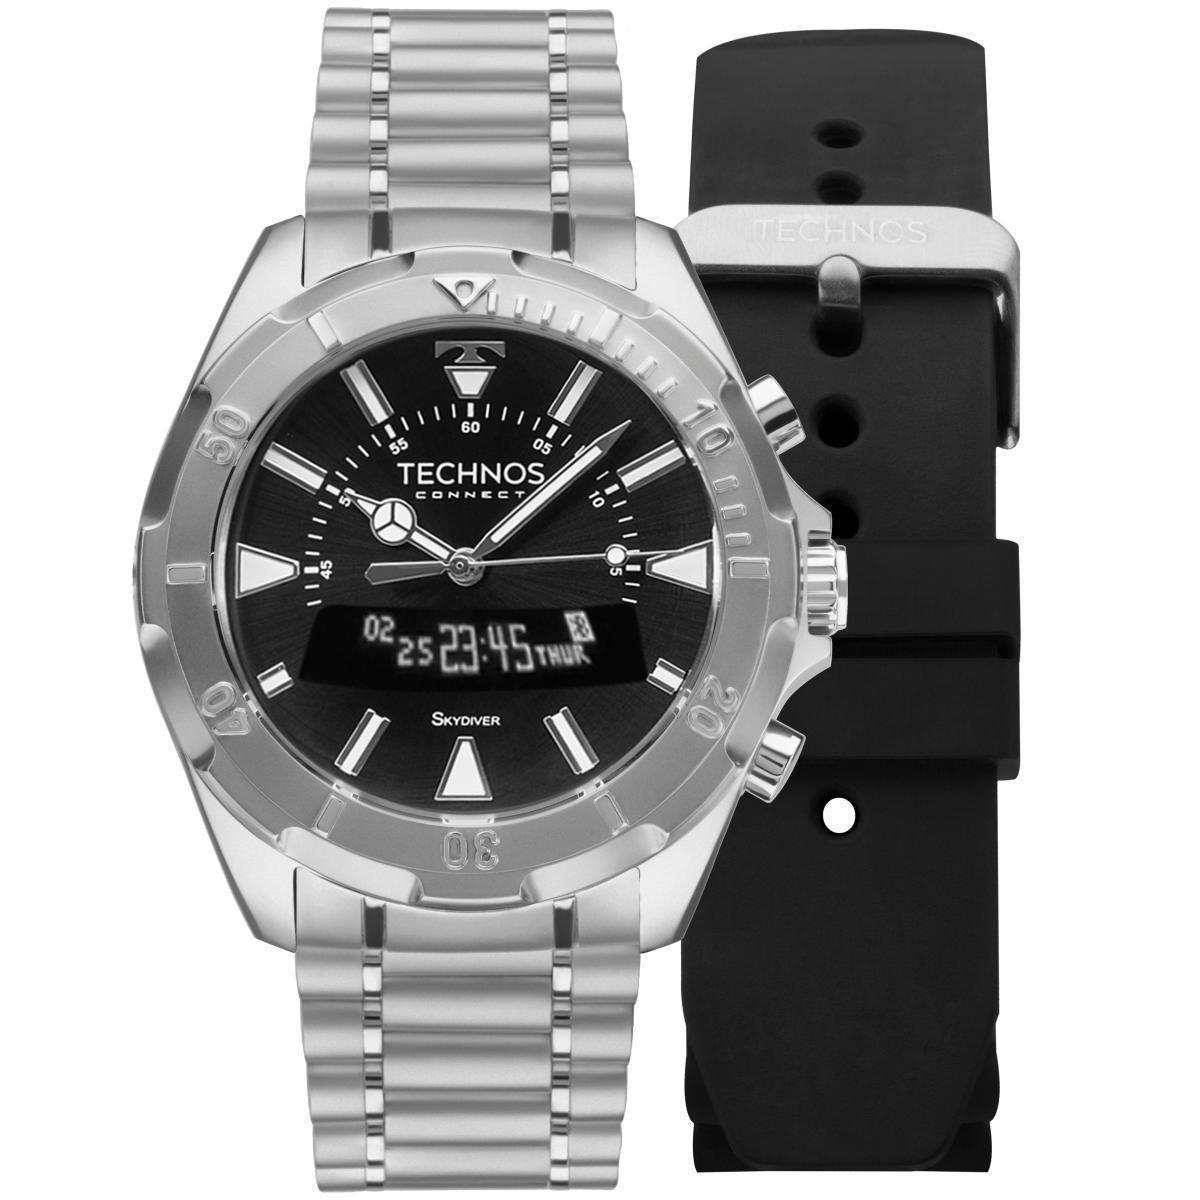 ef26ba5b4ac50 Relógio Masculino Technos Connect SCAA 1P Pulseira Prata + Adicional  Silicone Preta